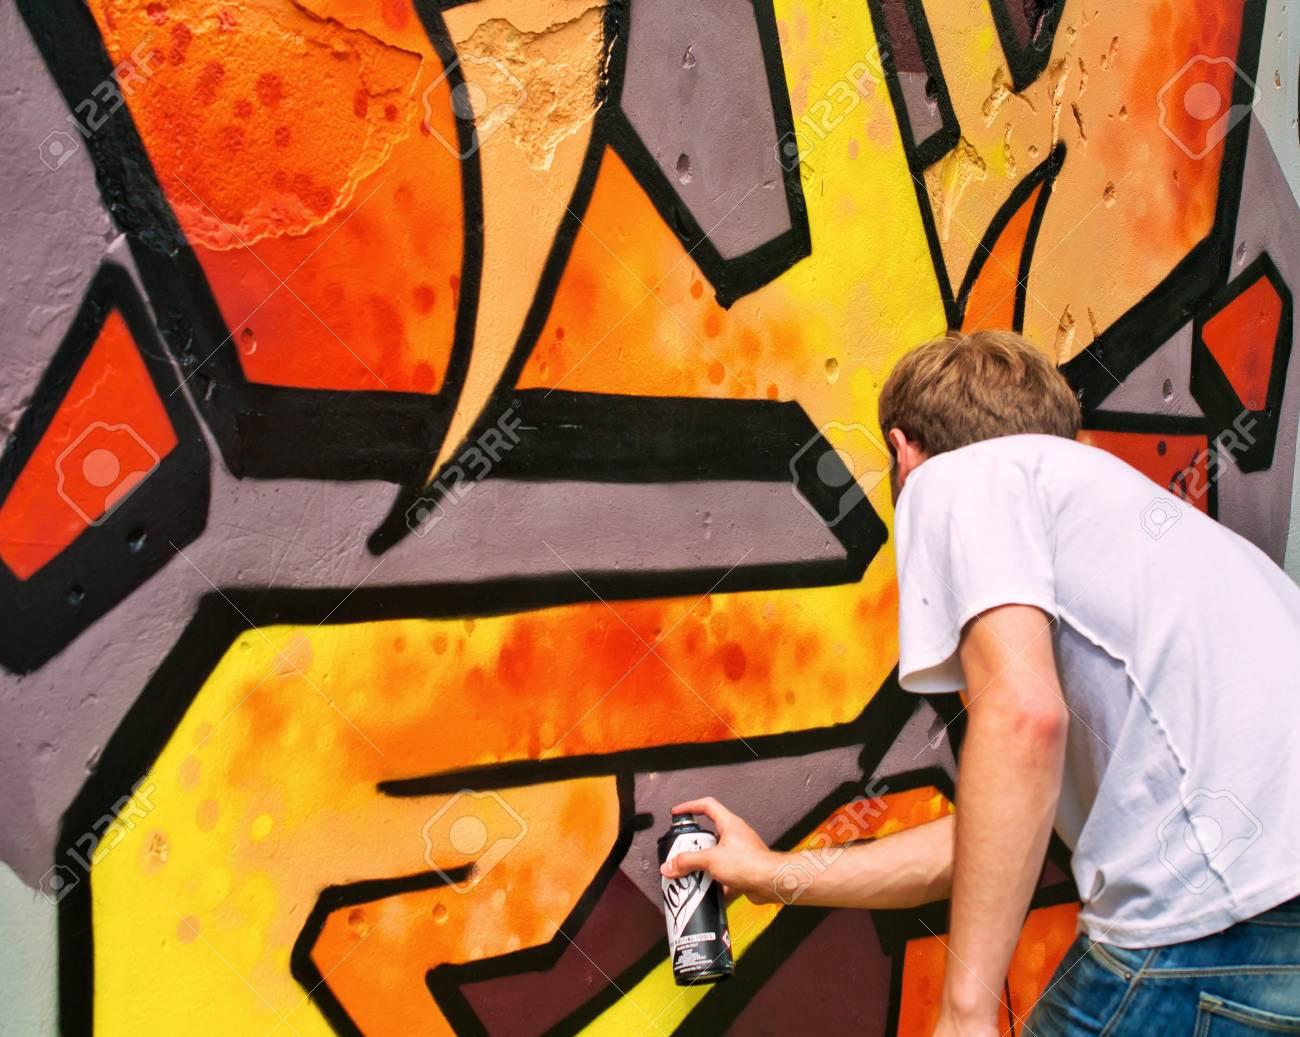 Graffiti on a wall. - 88297757